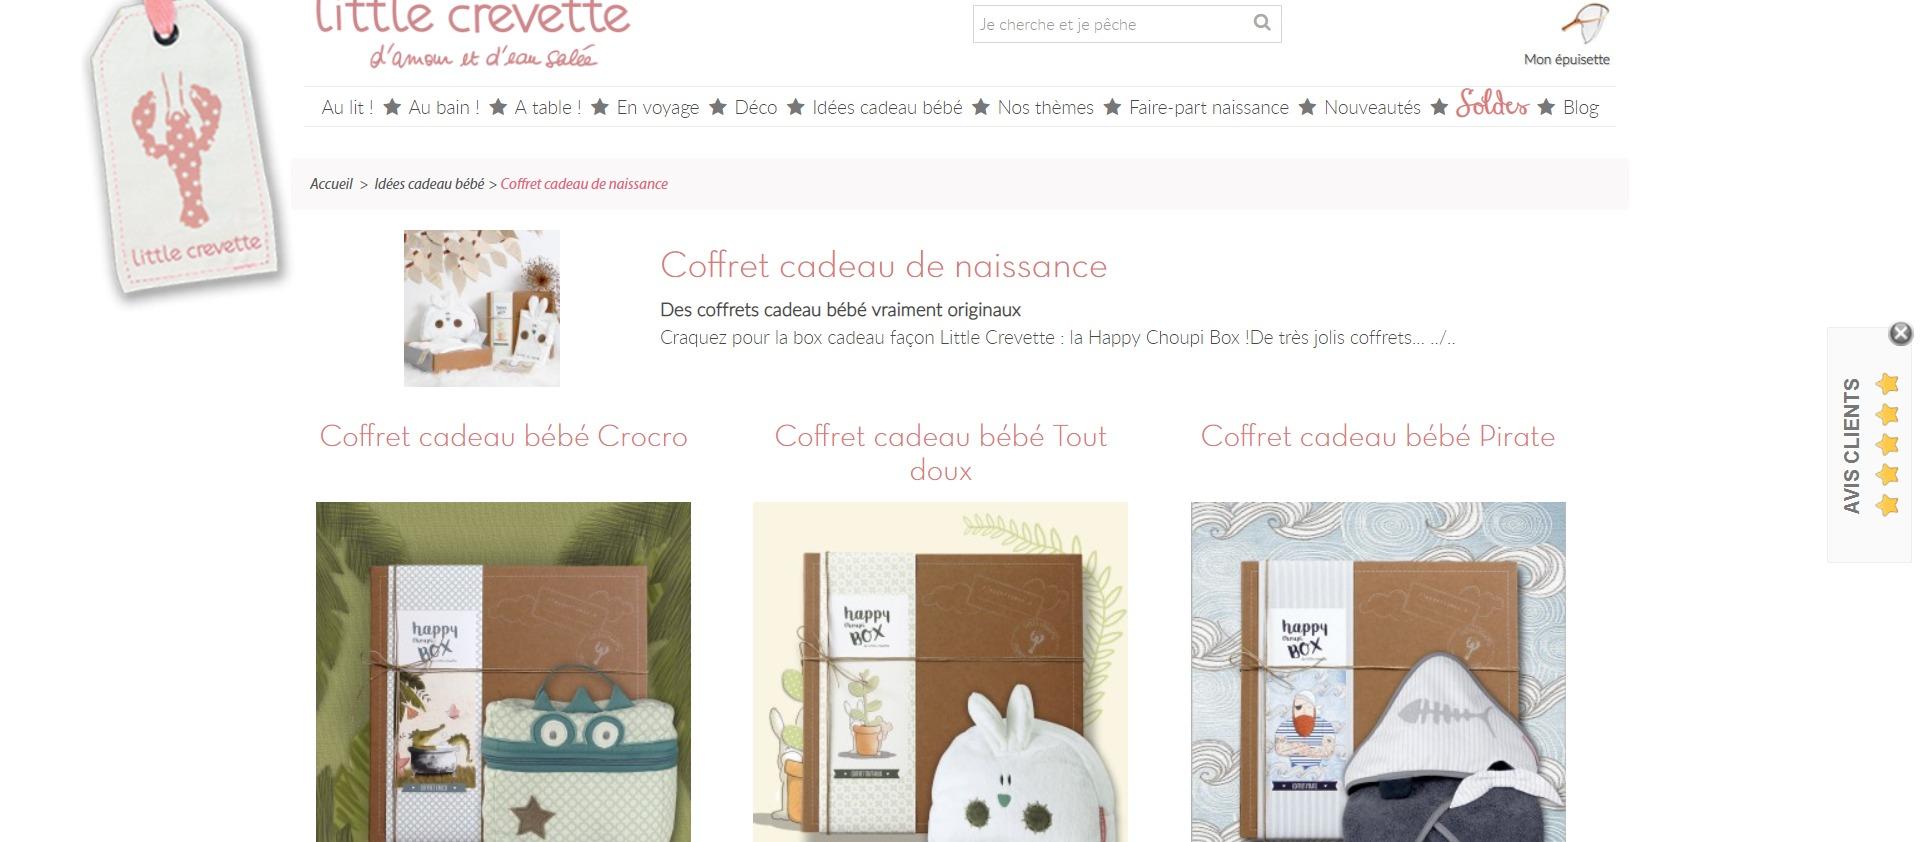 Coffret cadeau bébé original - Little Crevette